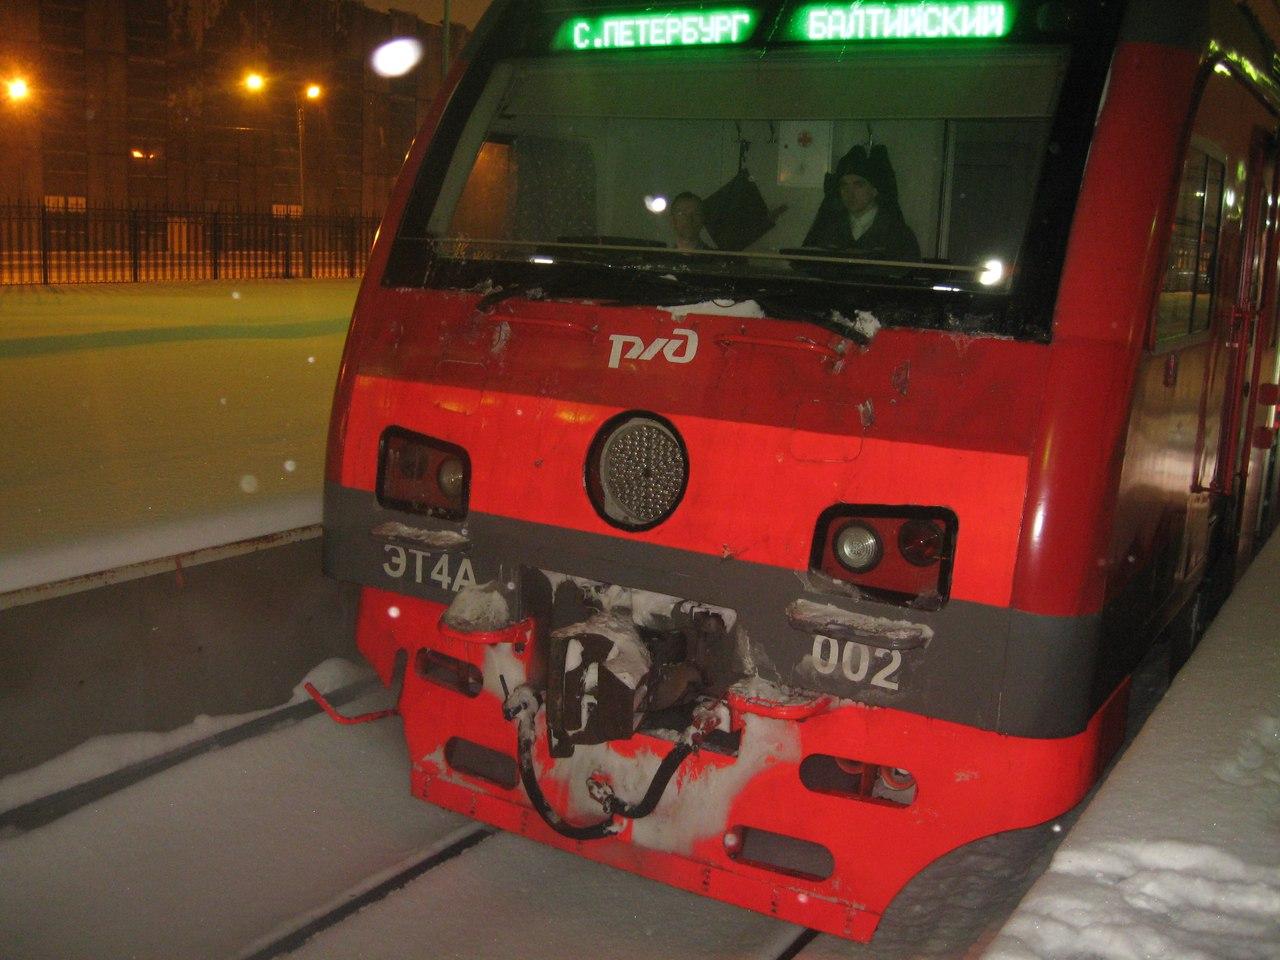 Электричка ЭТ4А - лучший электропоезд России. Счастье, которого больше не будет